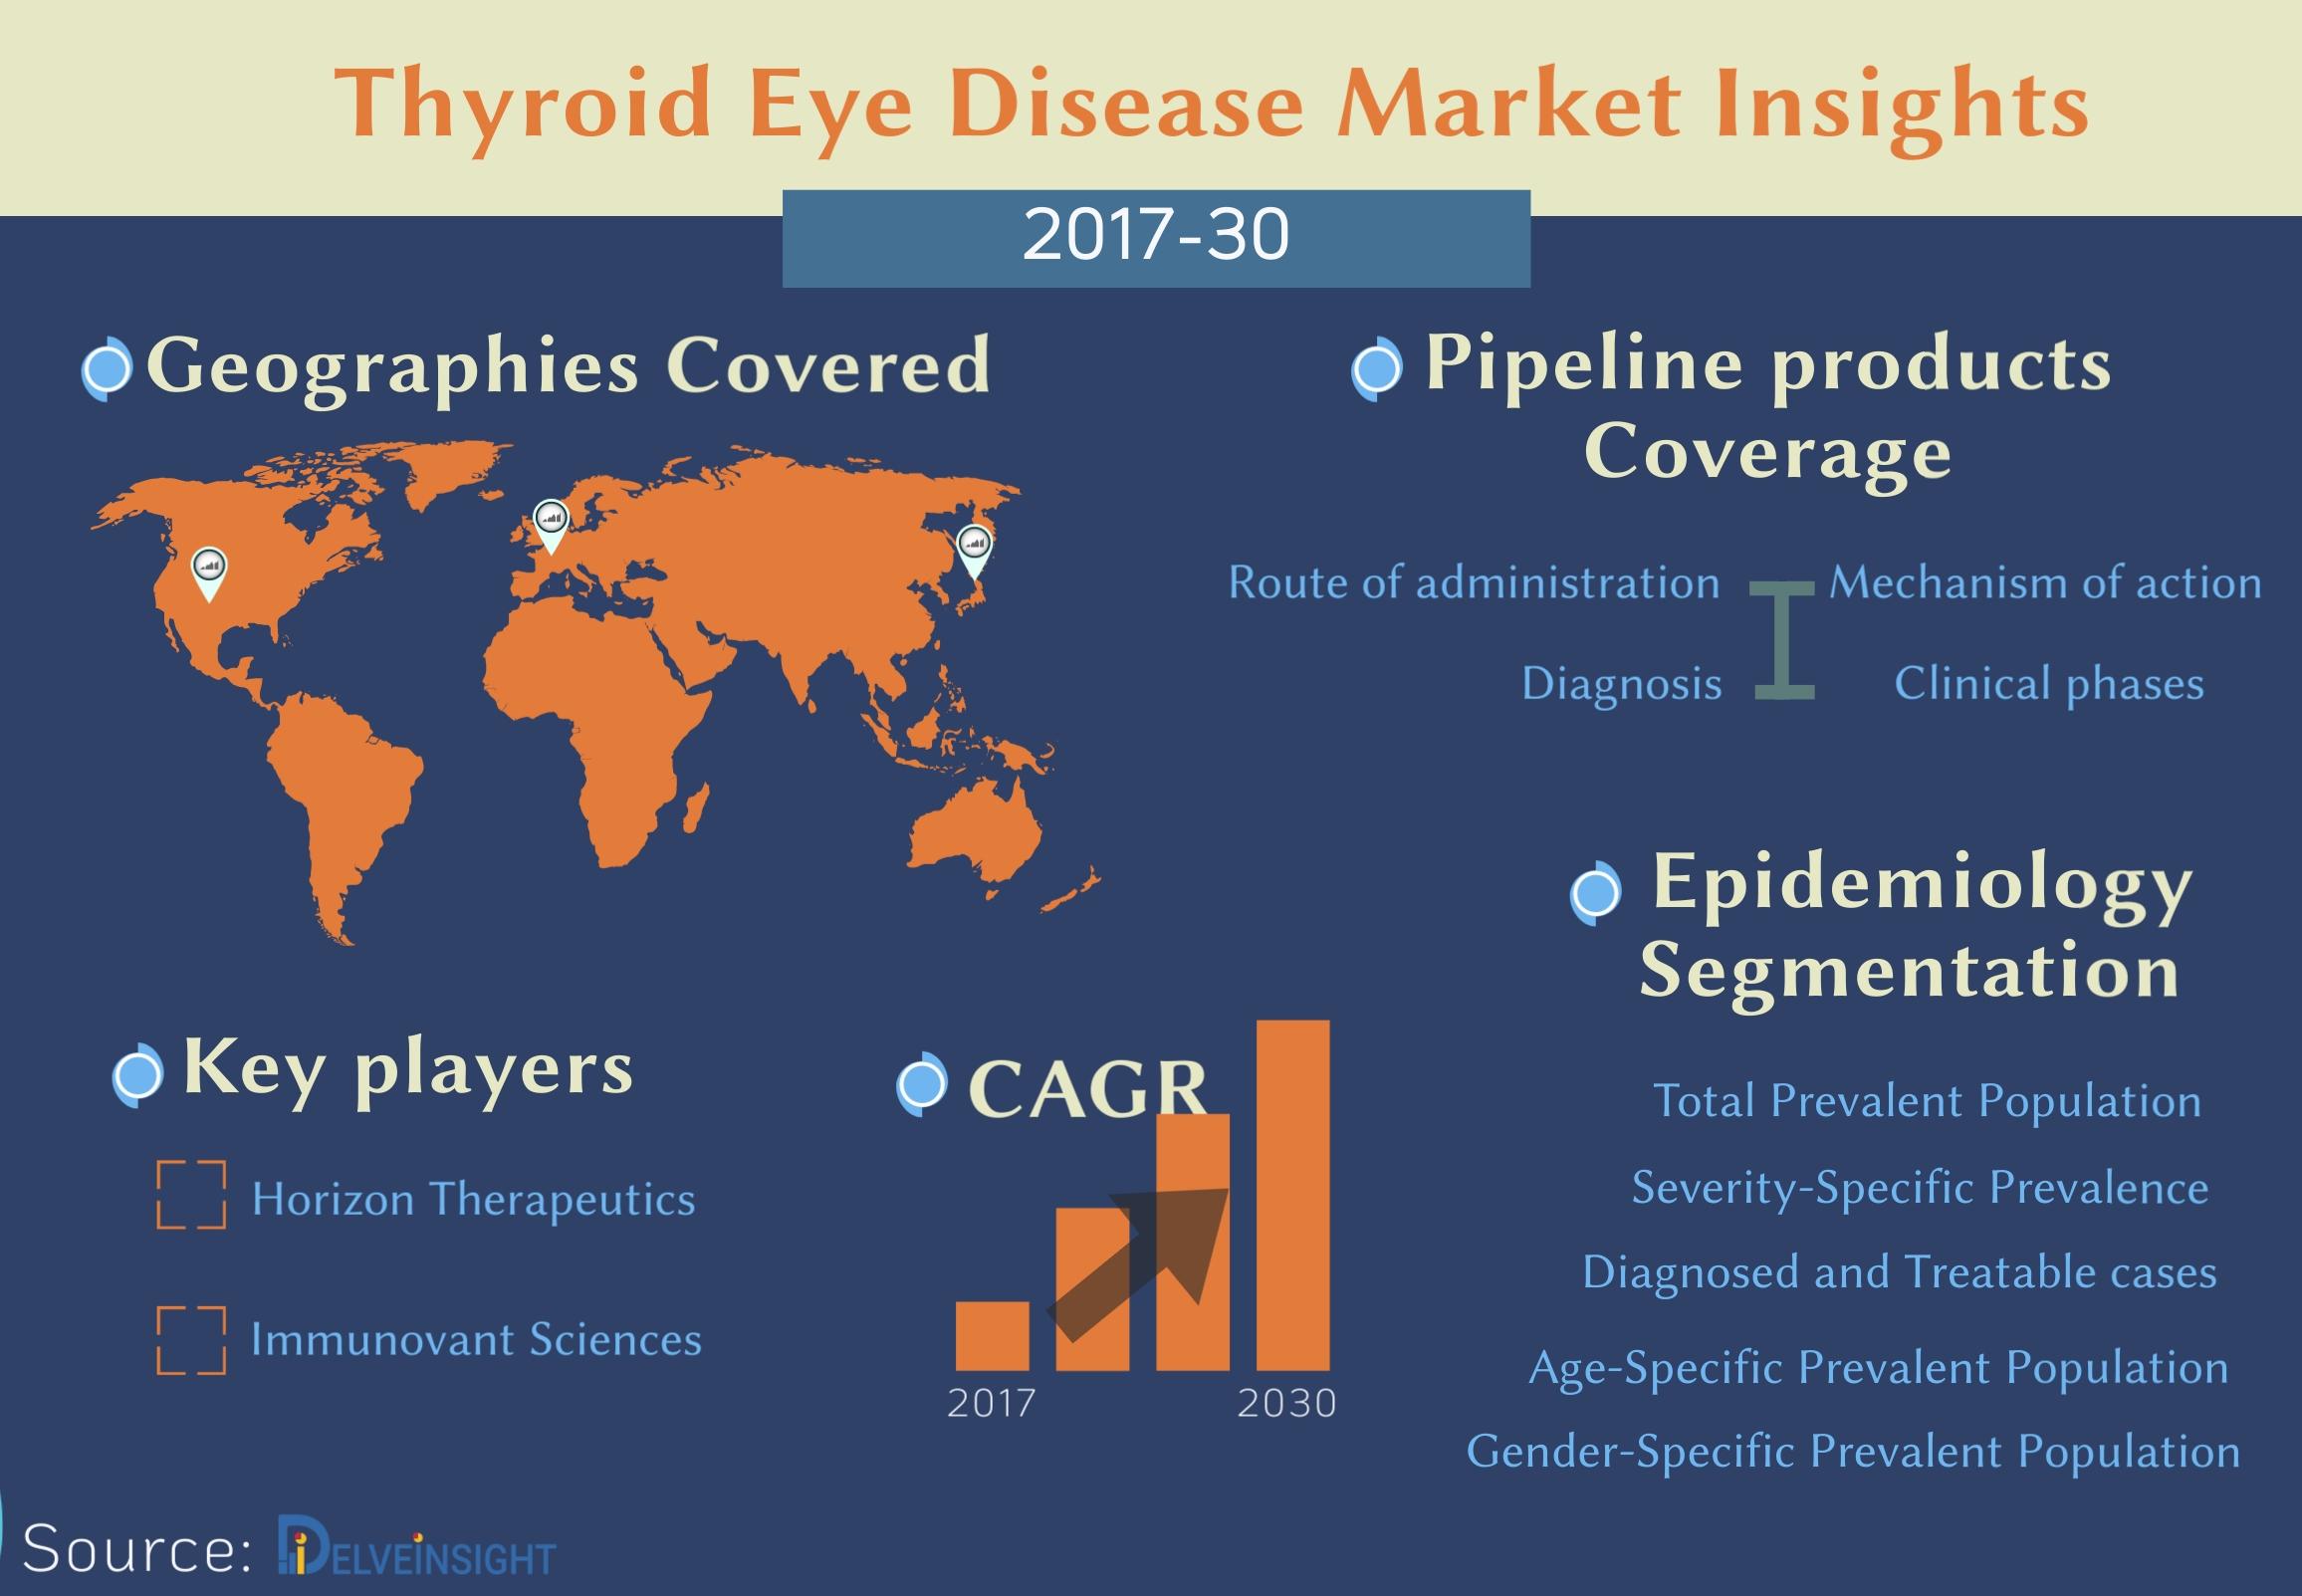 Thyroid Eye Disease Pipeline: Present therapies and pipeline products driving the Thyroid Eye Disease Market ahead